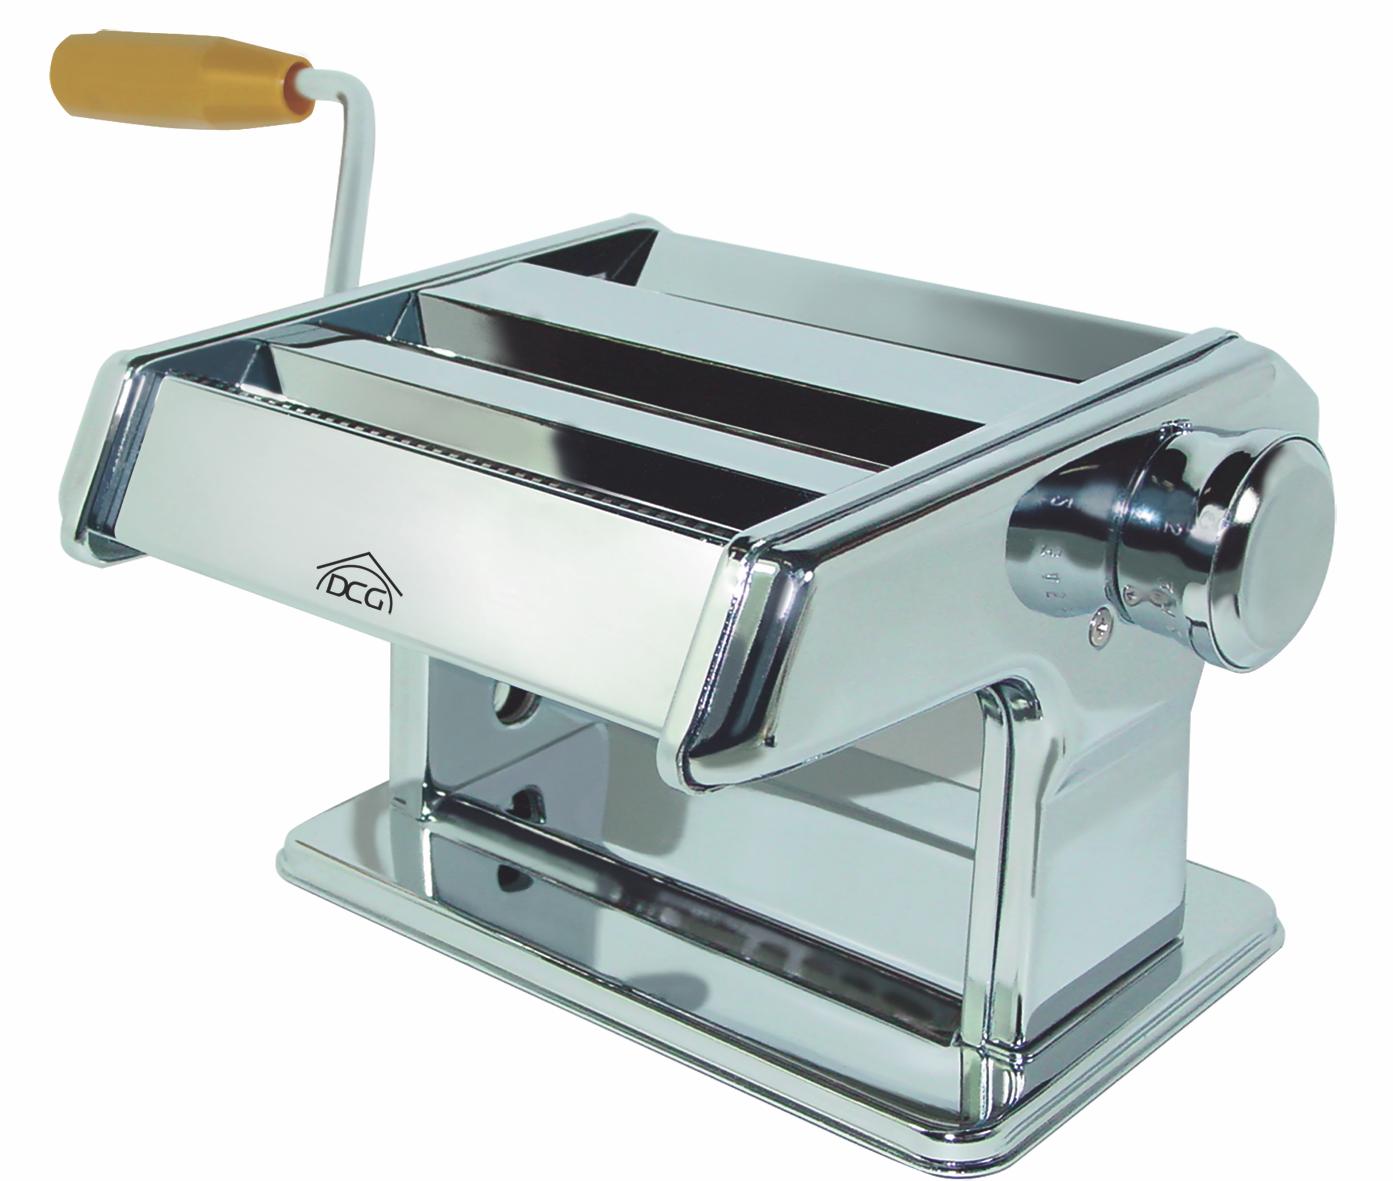 Macchina per la pasta pm1500 dcg - Macchine per pasta in casa ...